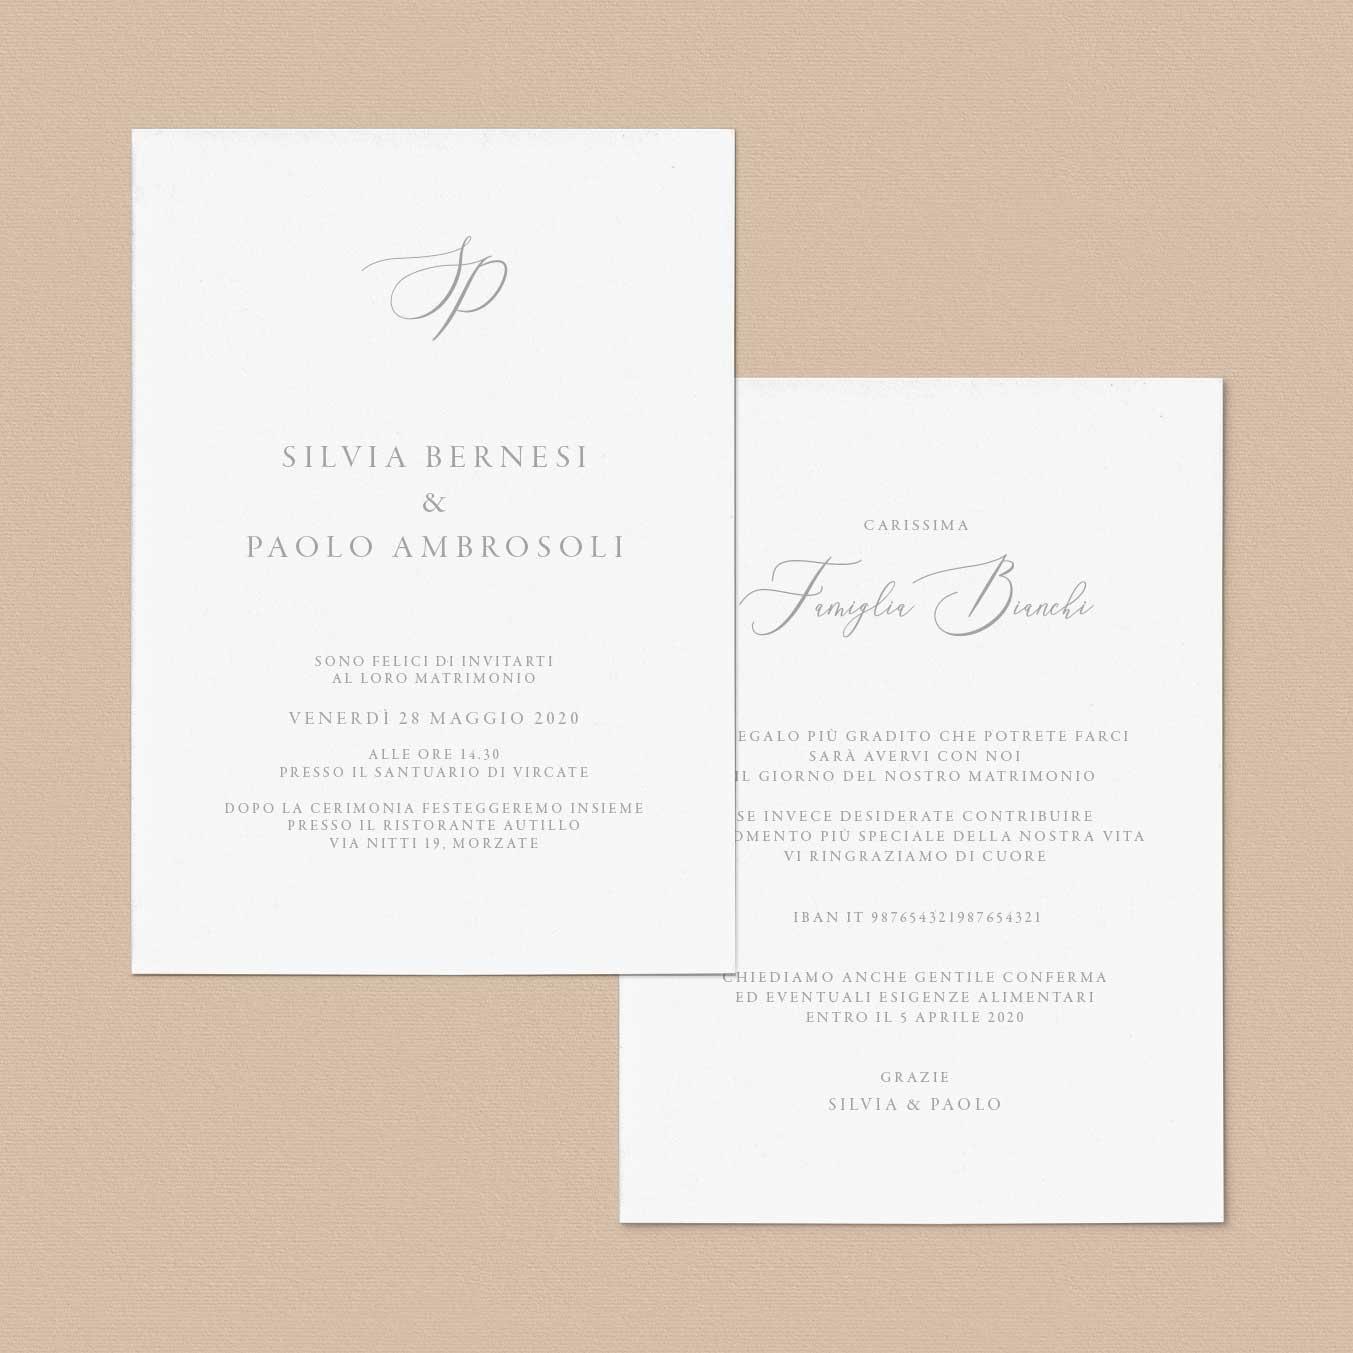 Partecipazioni-matrimonio-inviti-nozze-eleganti-elegante-raffinate-idee-fai-da-te-economiche-online-preziose-semplice-modello-total-white